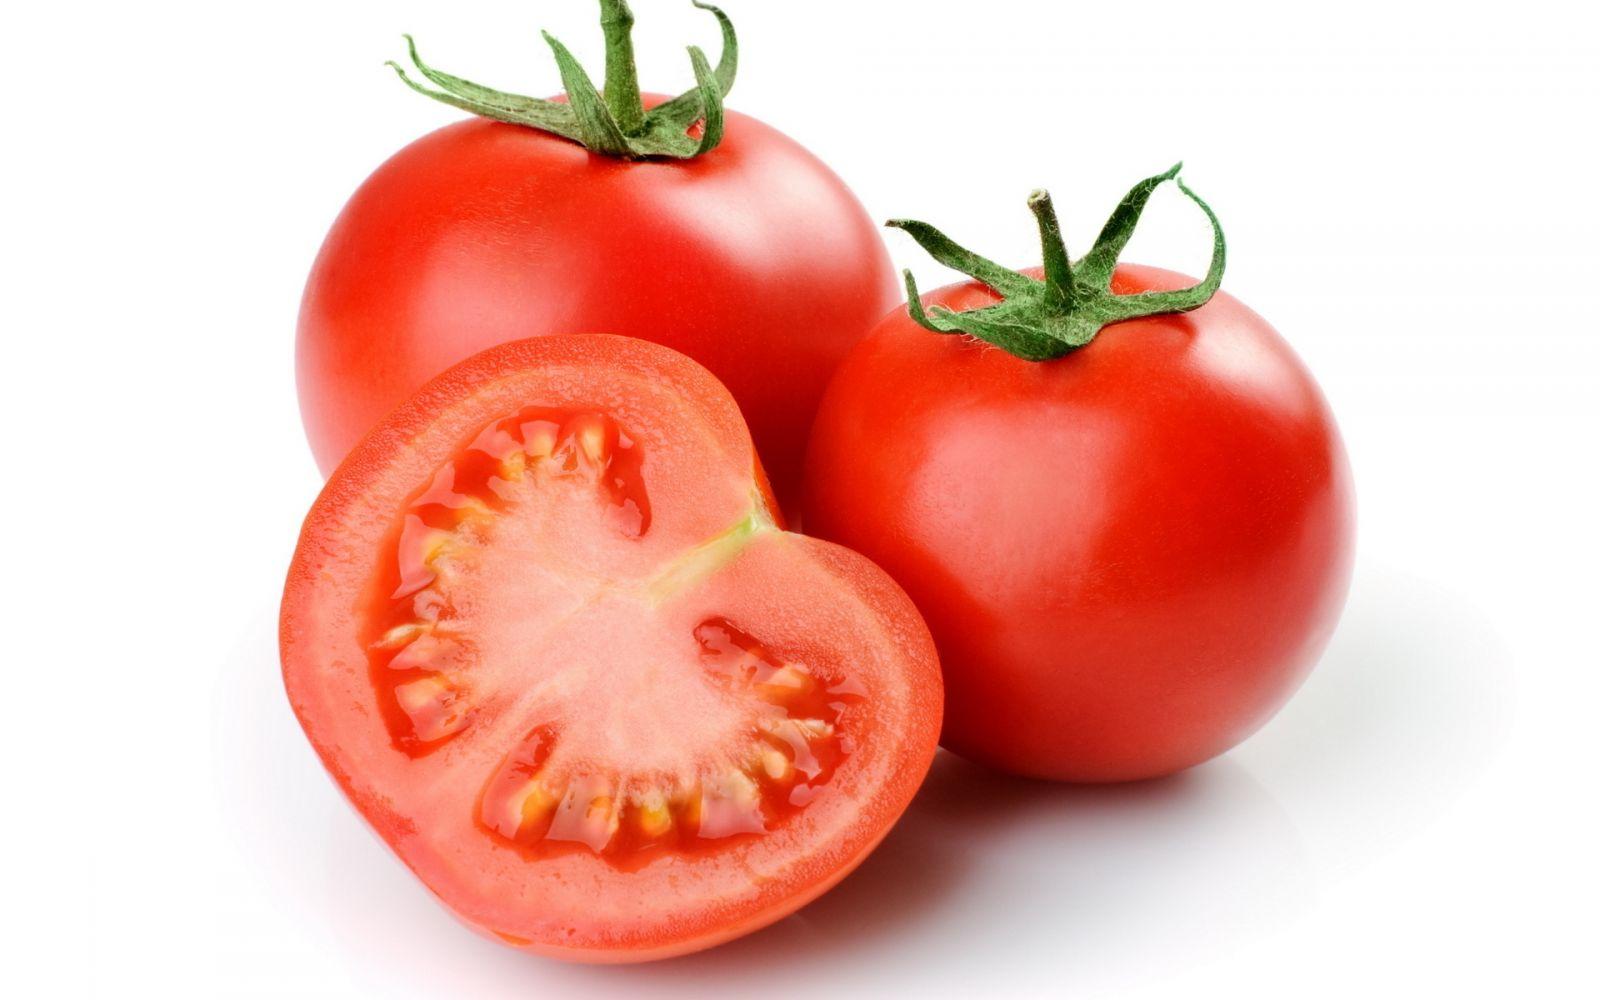 cà chua được coi là siêu thực phẩm tốt cho sức khỏe, da, tóc và dáng vóc của chị em